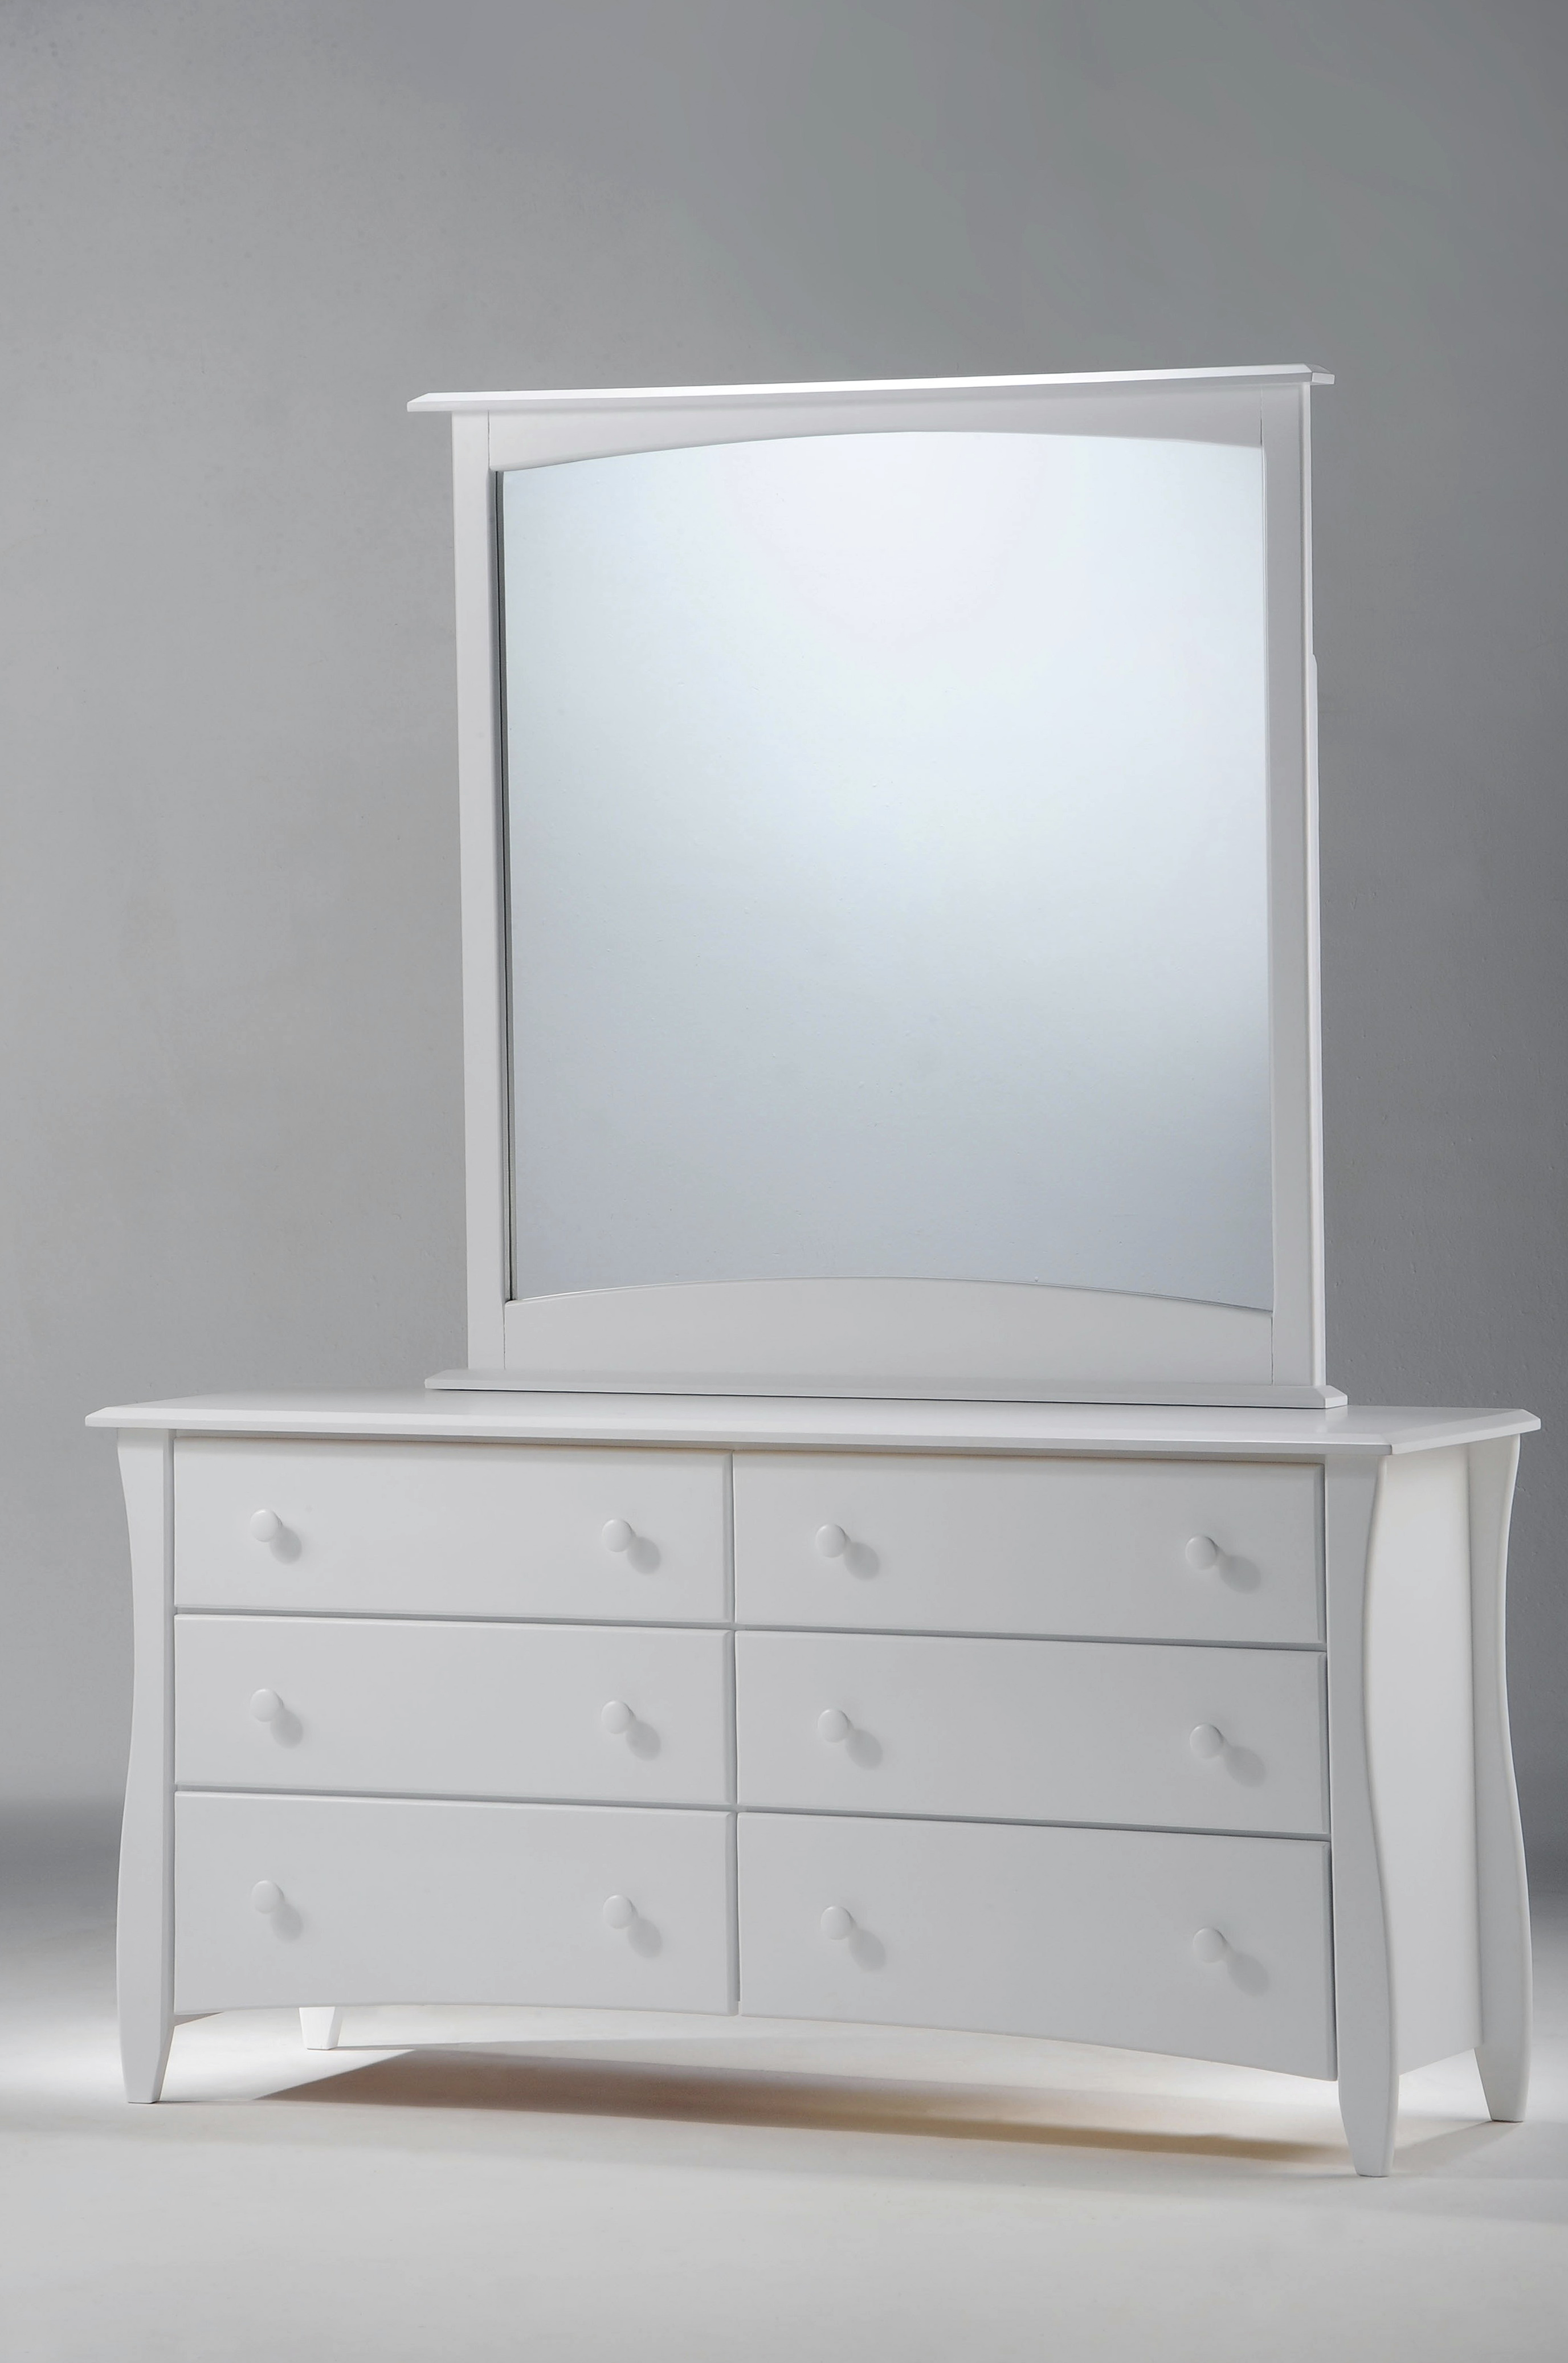 White 6 Drawer Dresser With Mirror